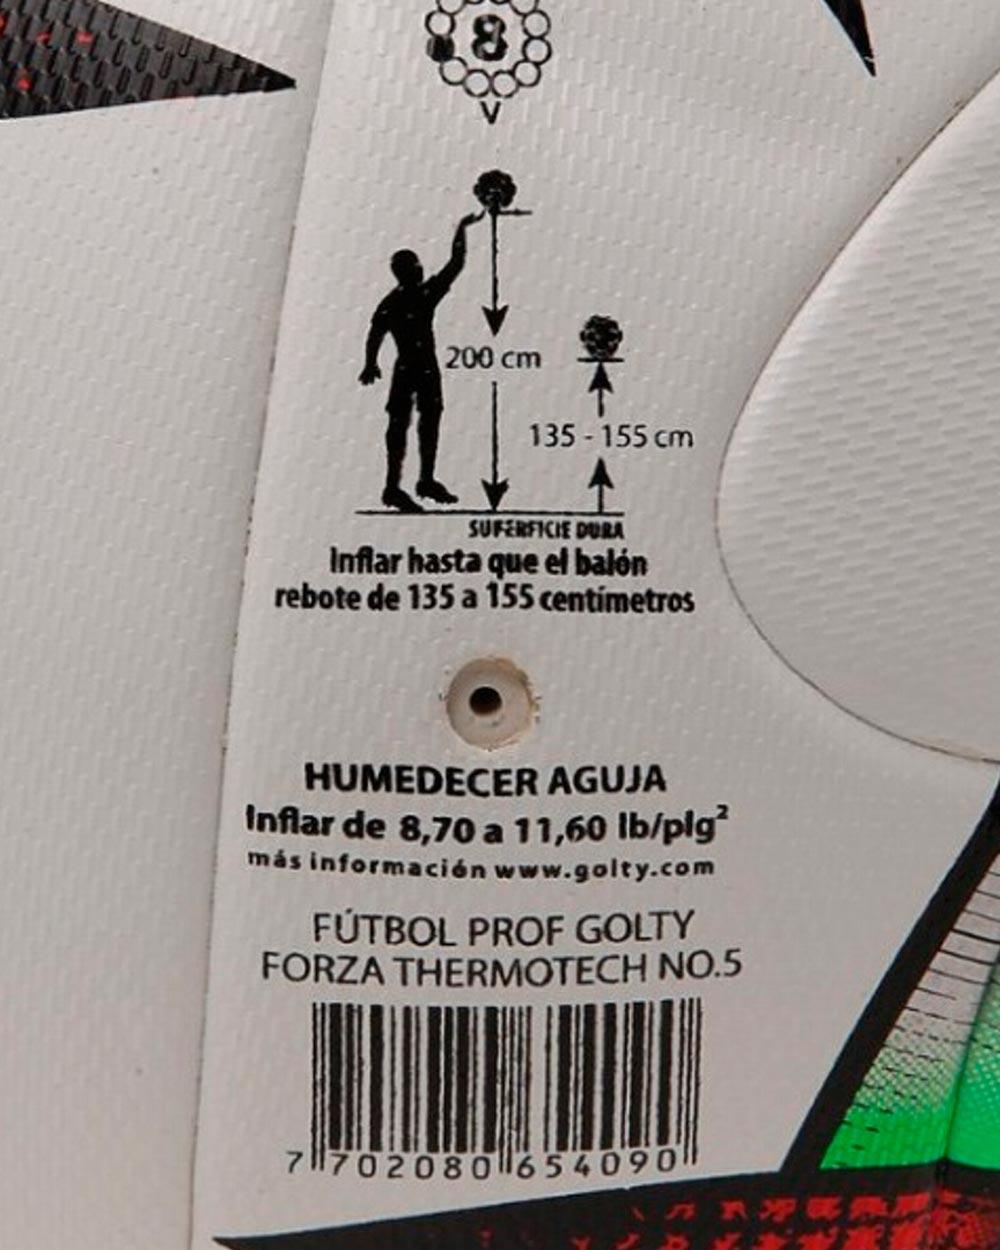 Balón de Fútbol Profesional   Golty® Forza Thermotech No.5